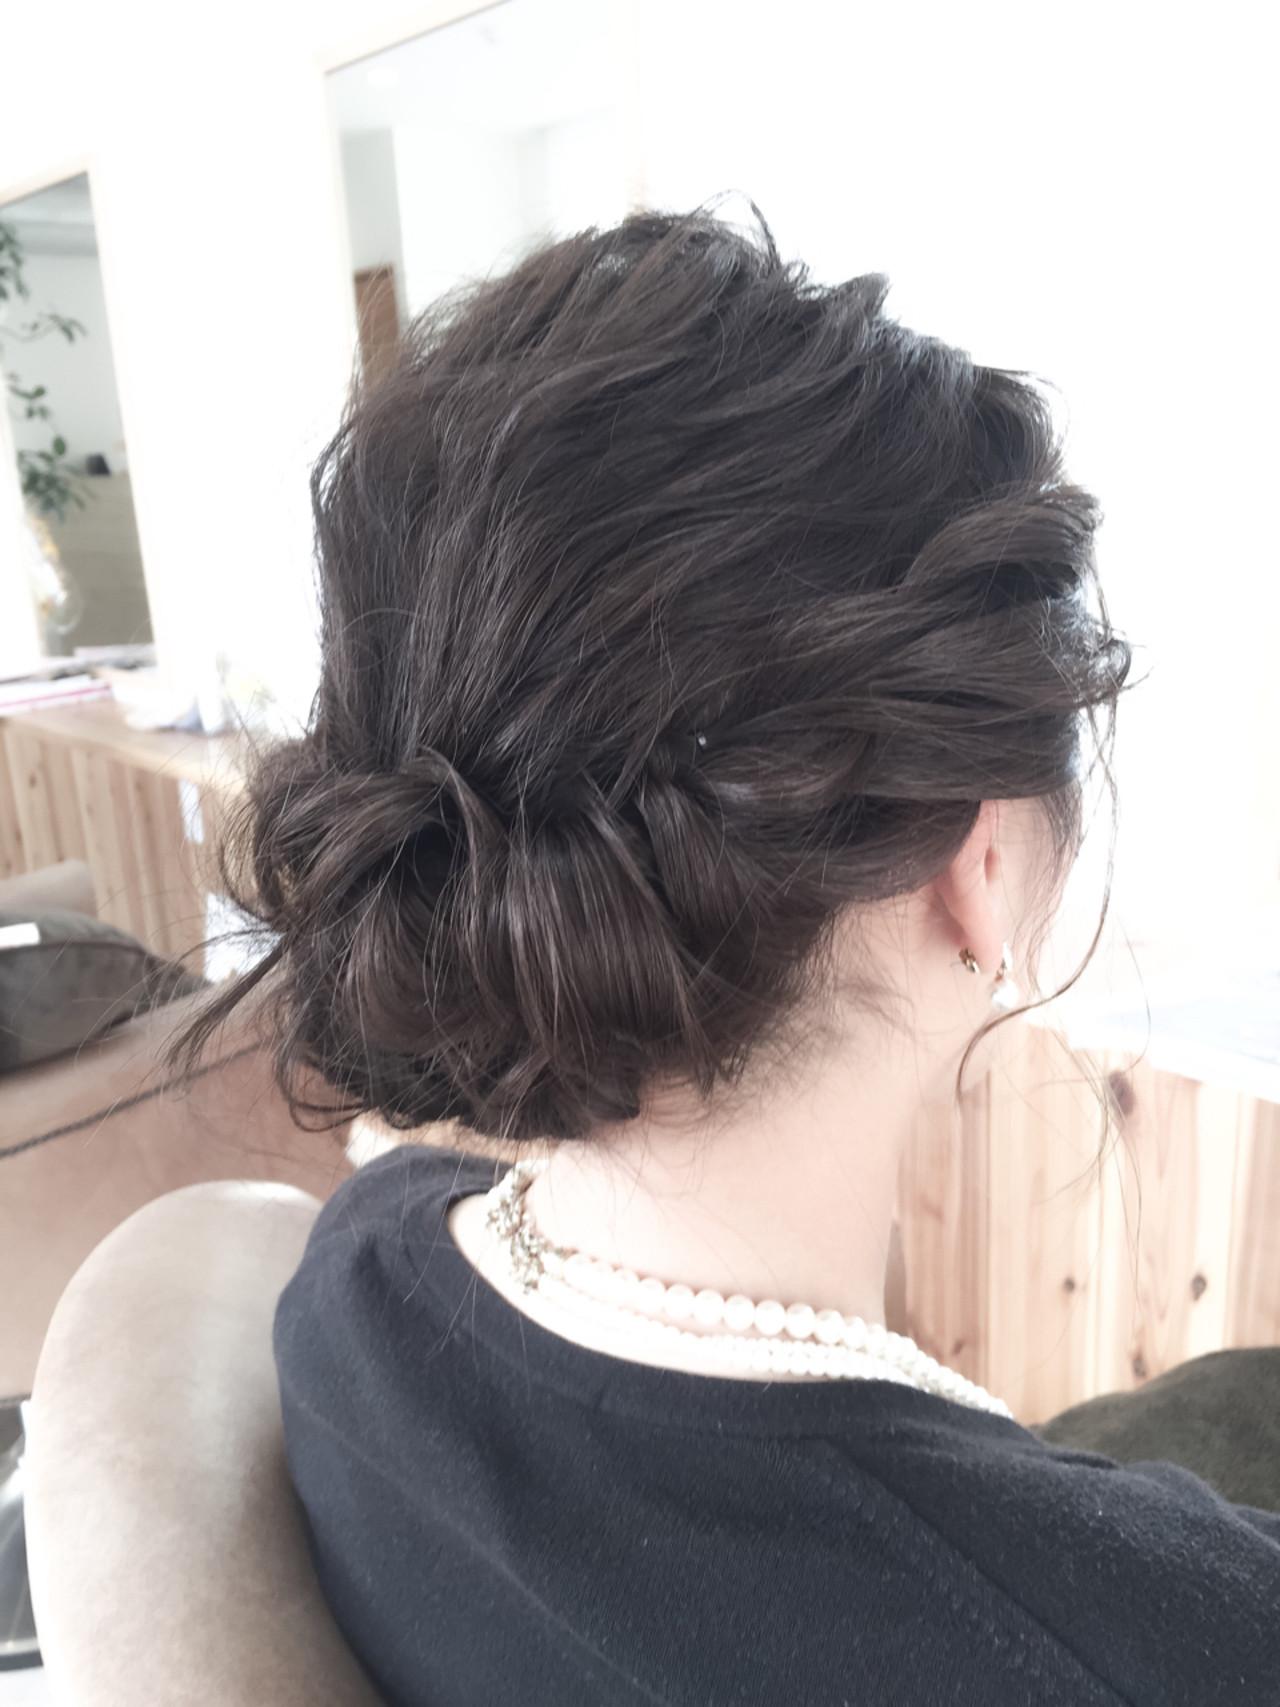 ミディアム 編み込み パーティ ヘアアレンジ ヘアスタイルや髪型の写真・画像